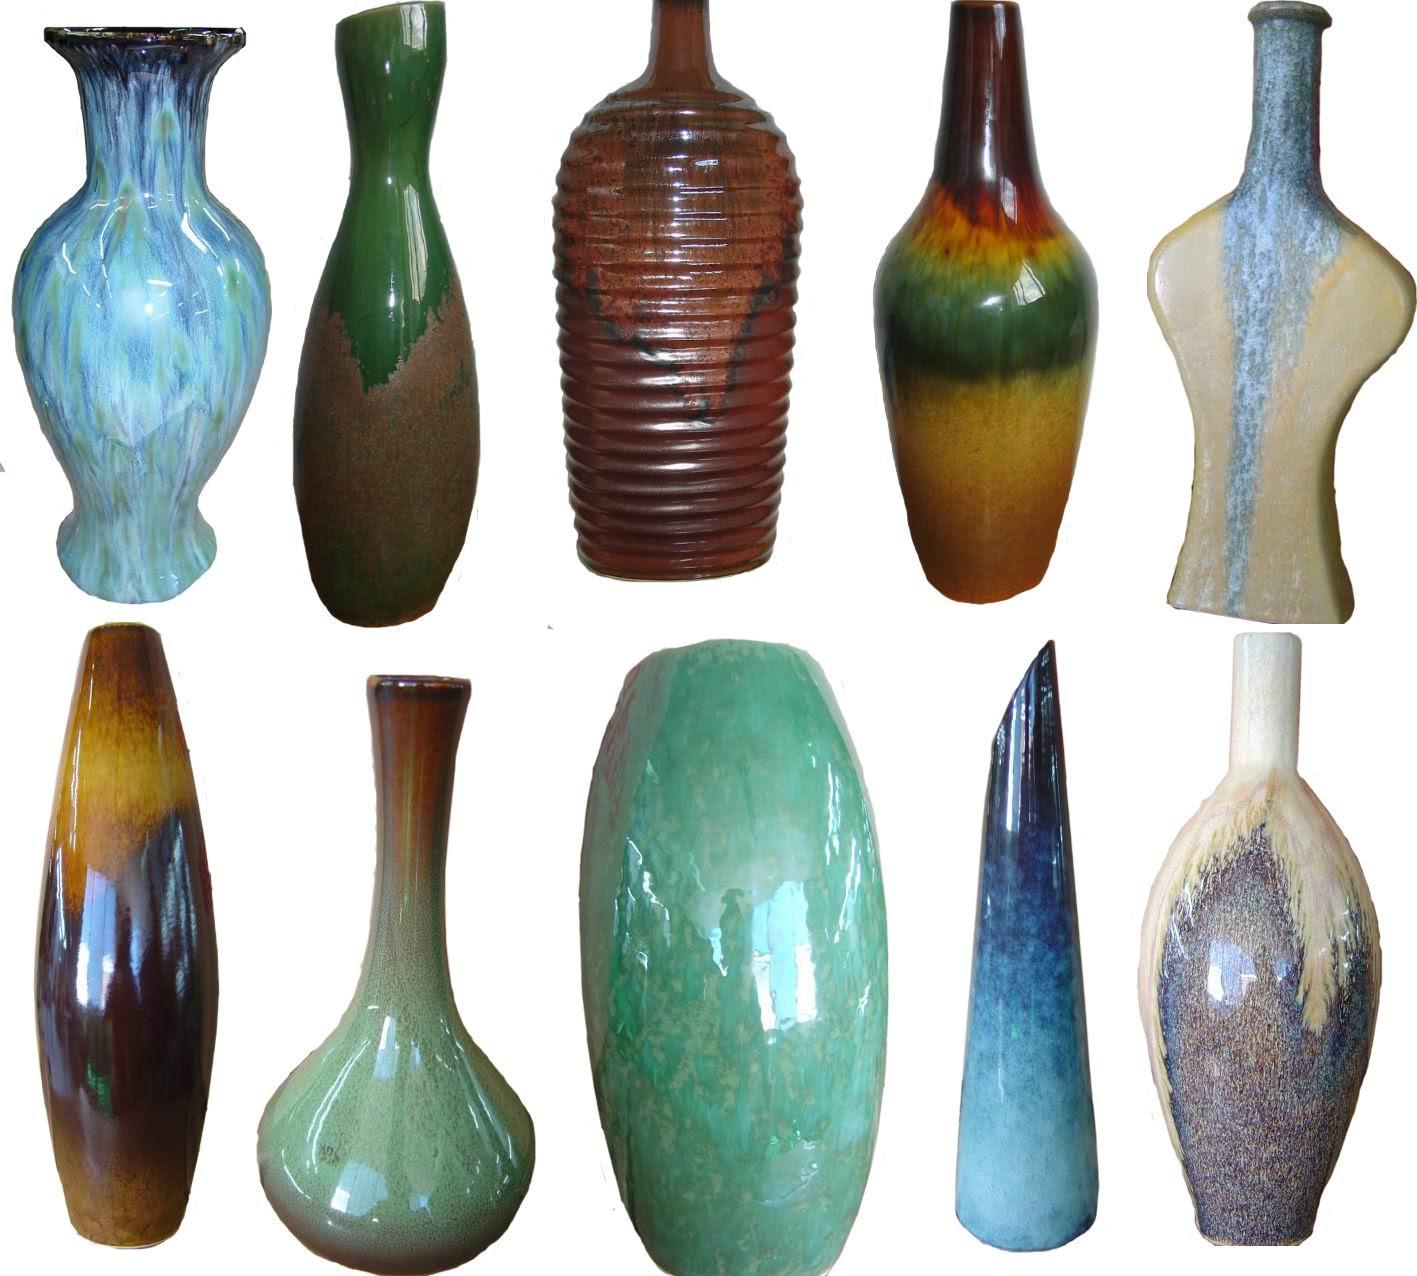 Glazed ceramic, Porcelian Vase, Home decor with drippy glaze on top